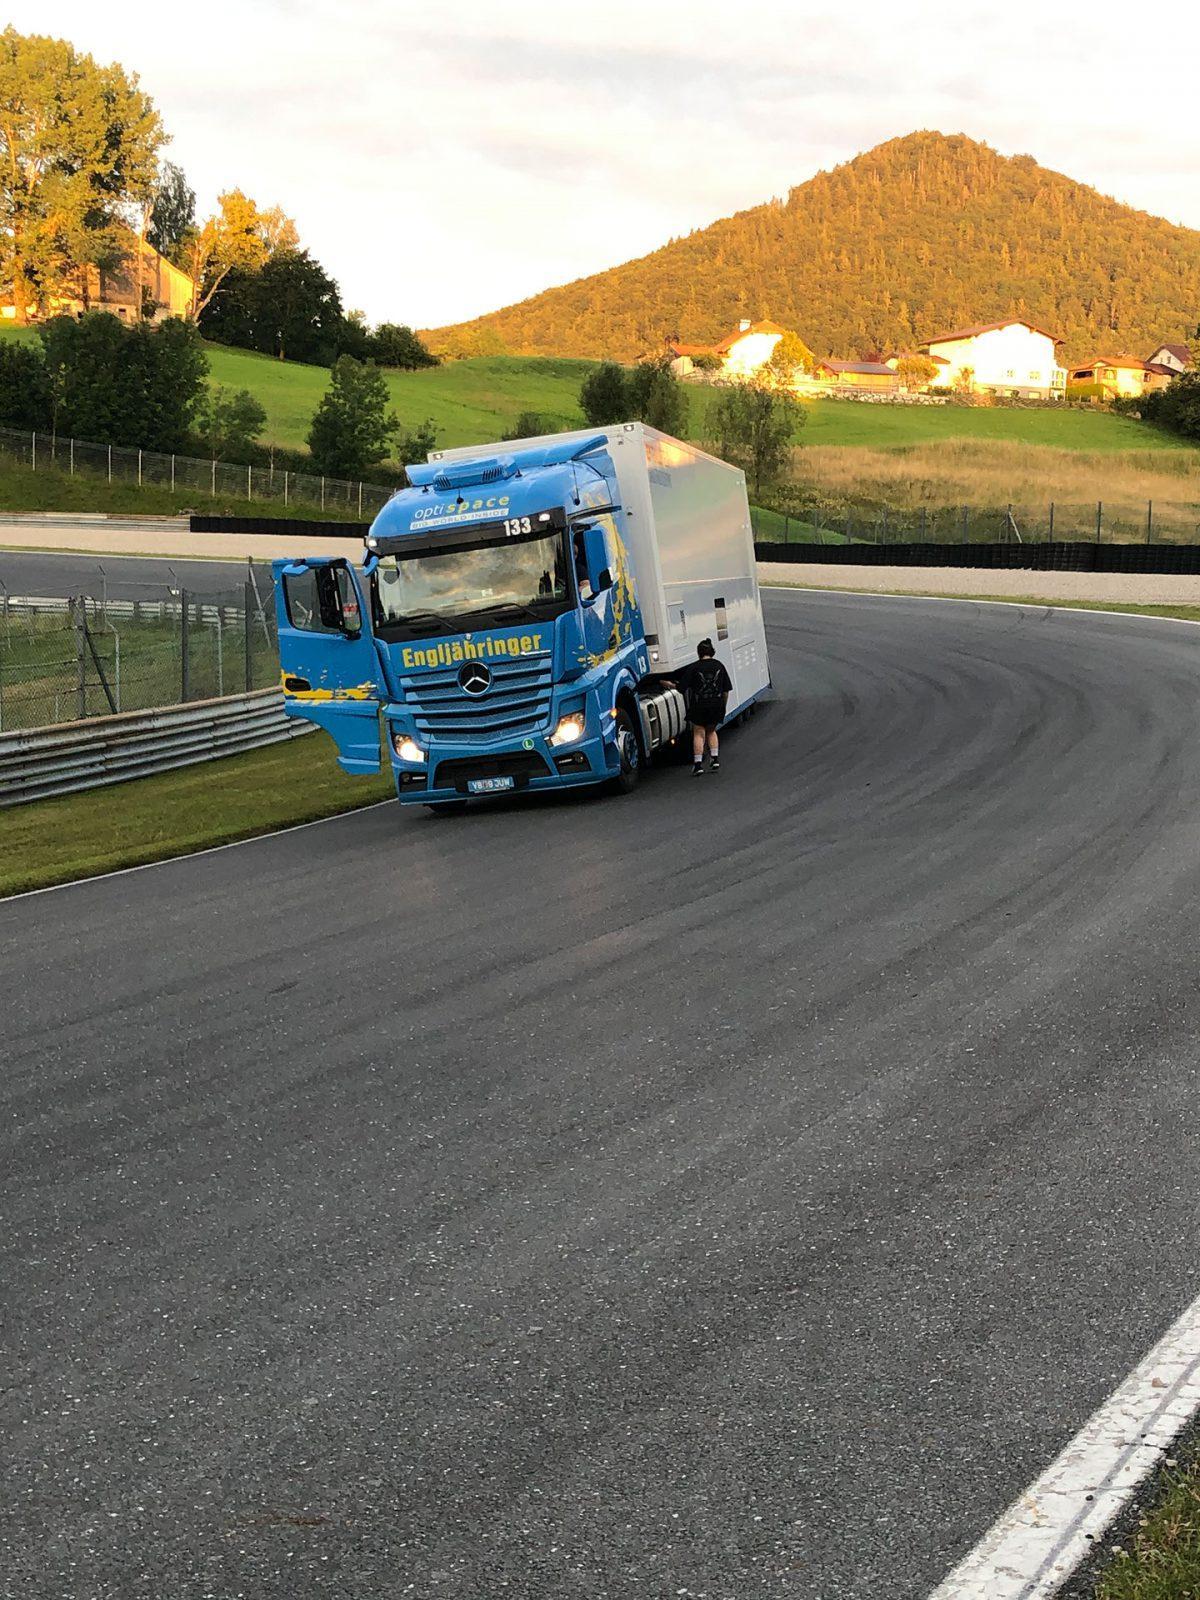 Foto 25.07.20 20 26 52 - 24.-26. Juli 2020 – Touringcarmasters / Histocup – Salzburgring / AT